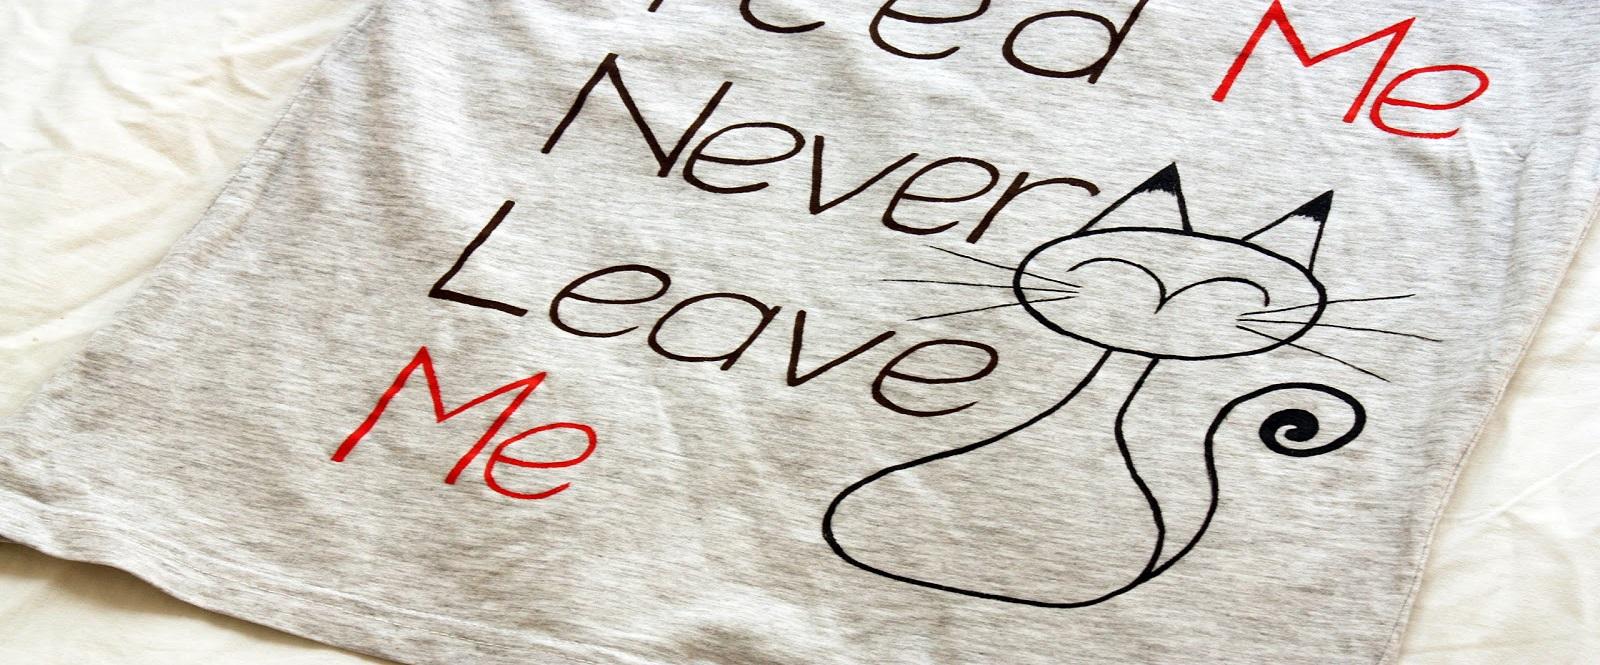 Un frumos cadou personalizat poate fi un tricou personalizat